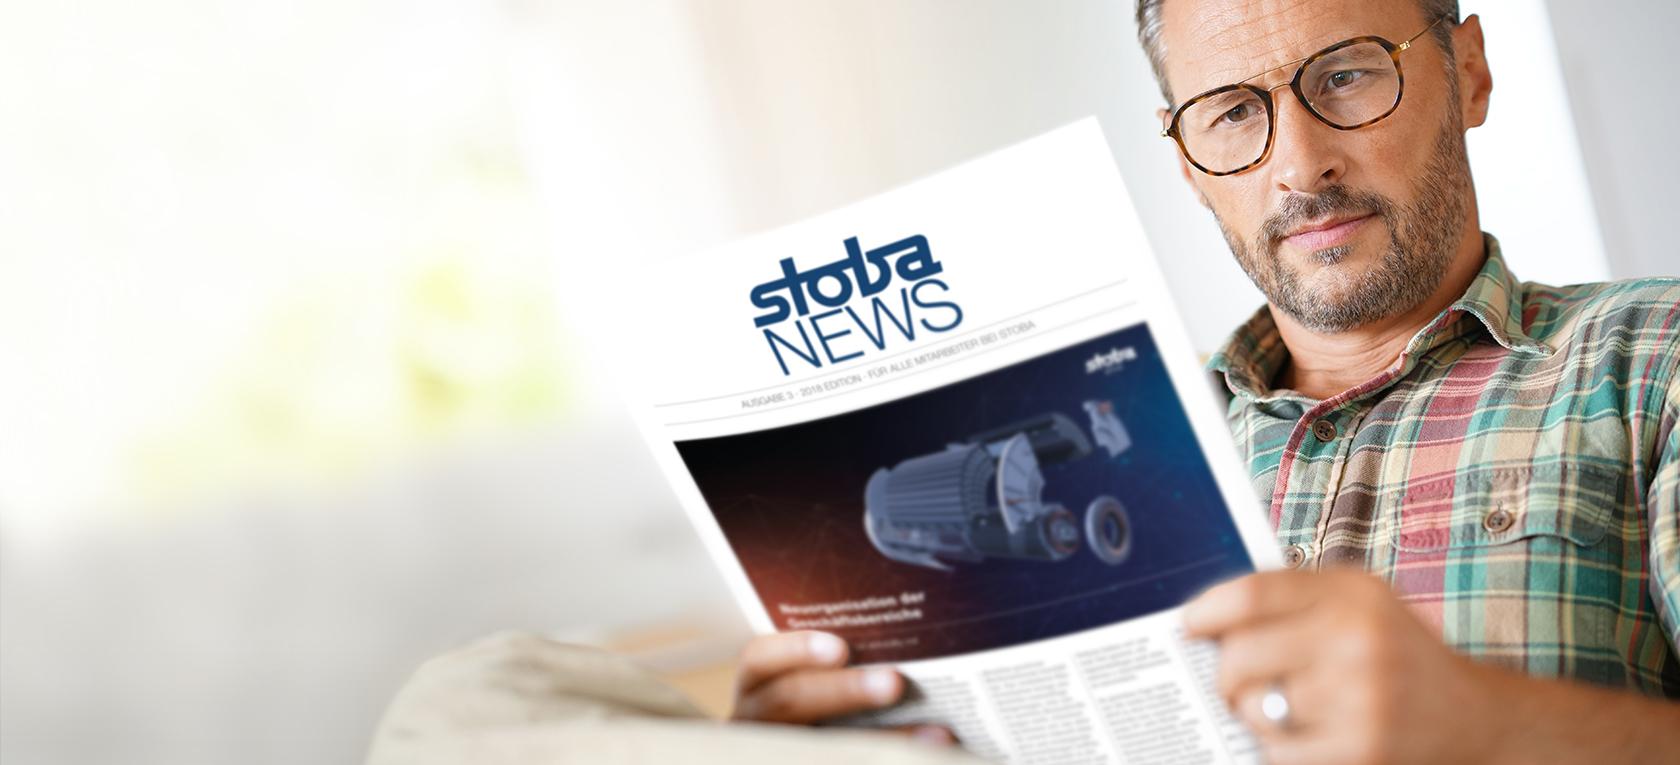 stoba group Mitgliederzeitung – stoba NEWS